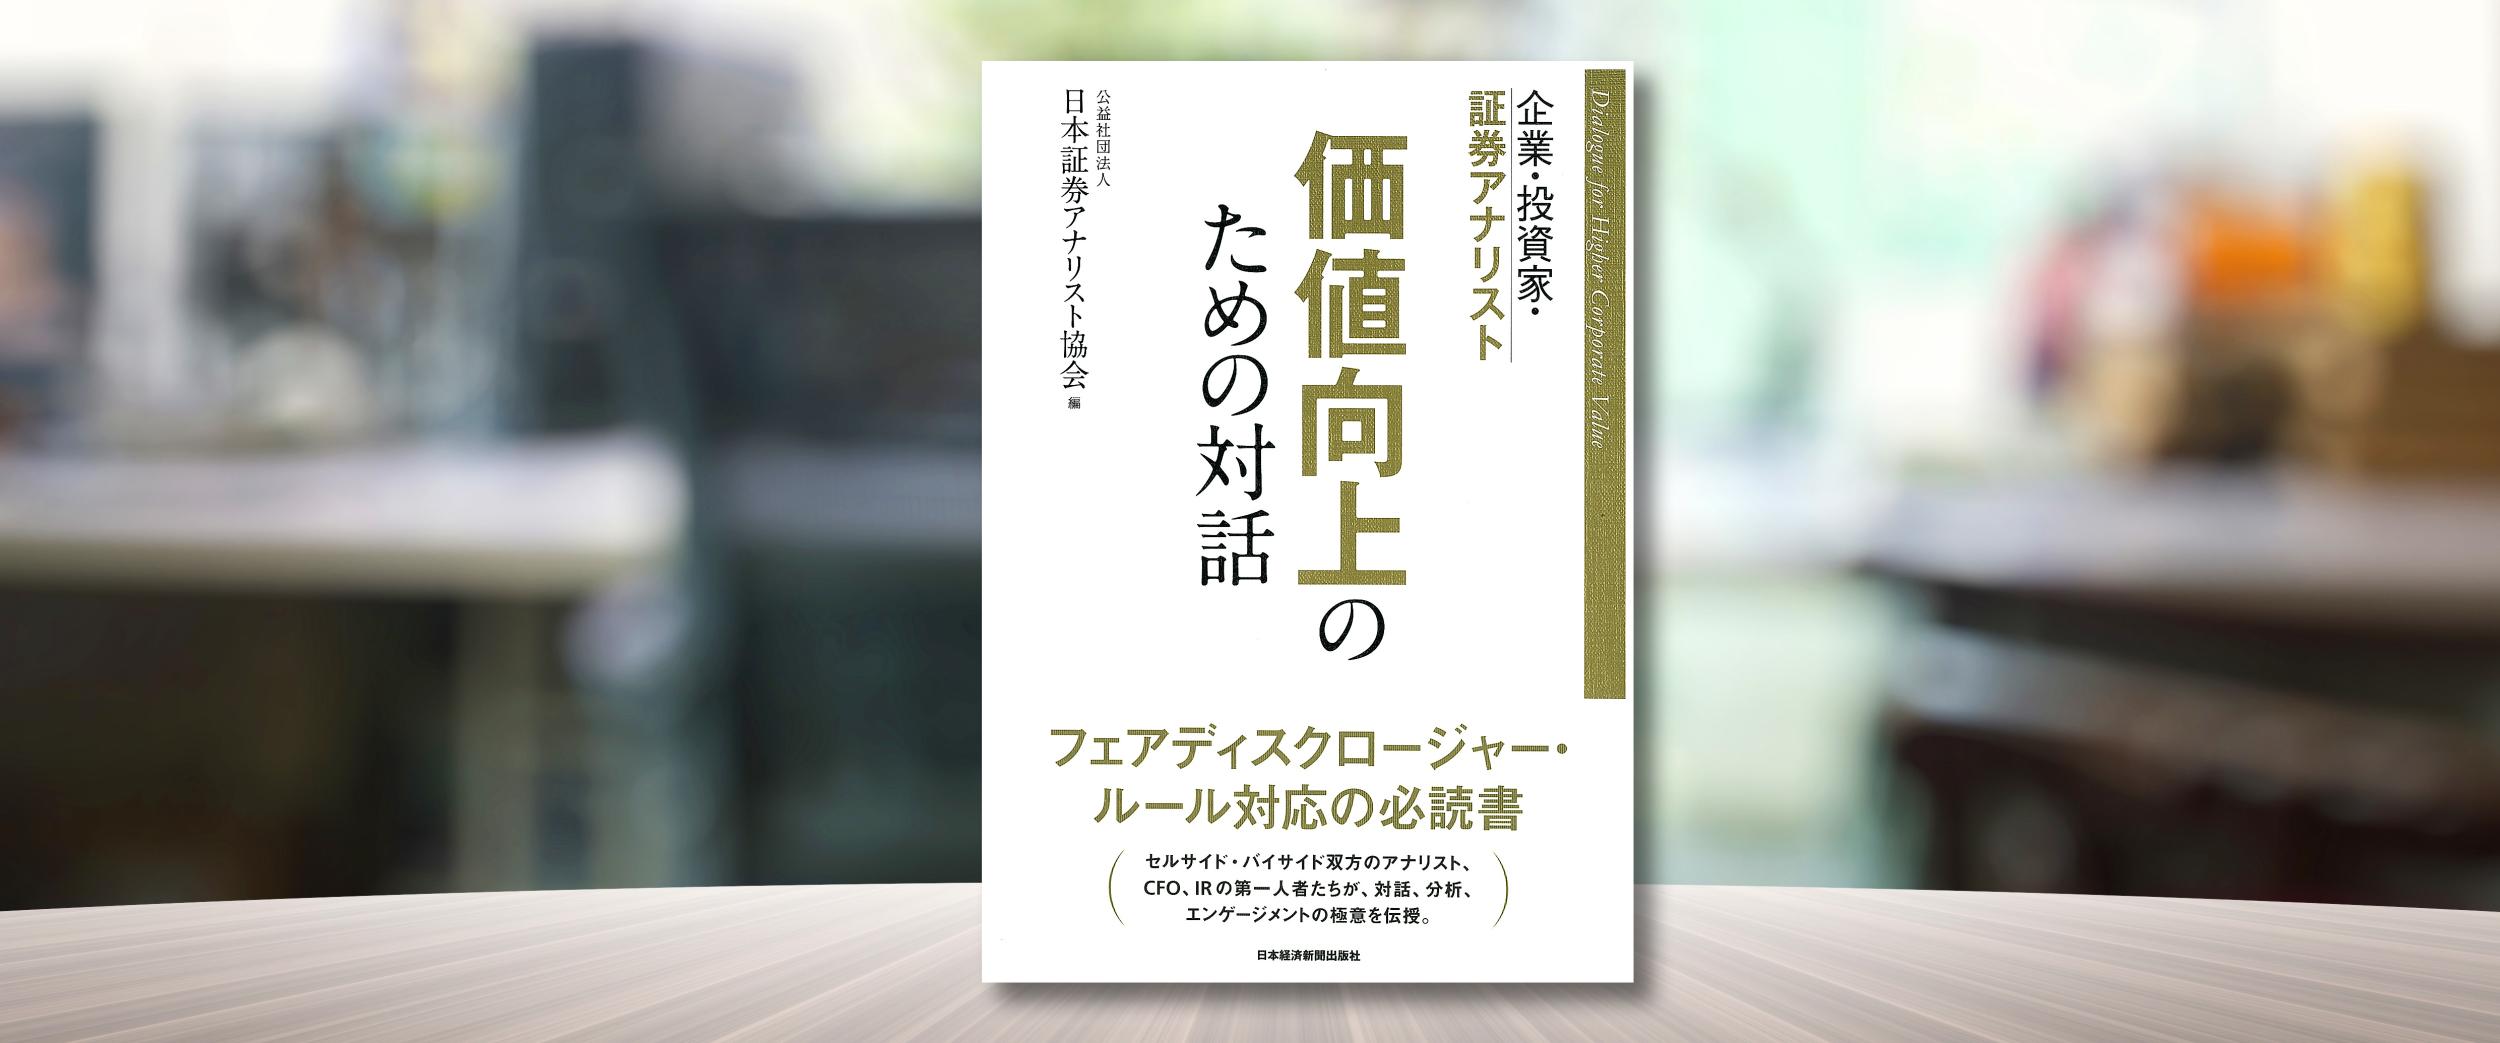 日本 証券 アナ リスト 協会